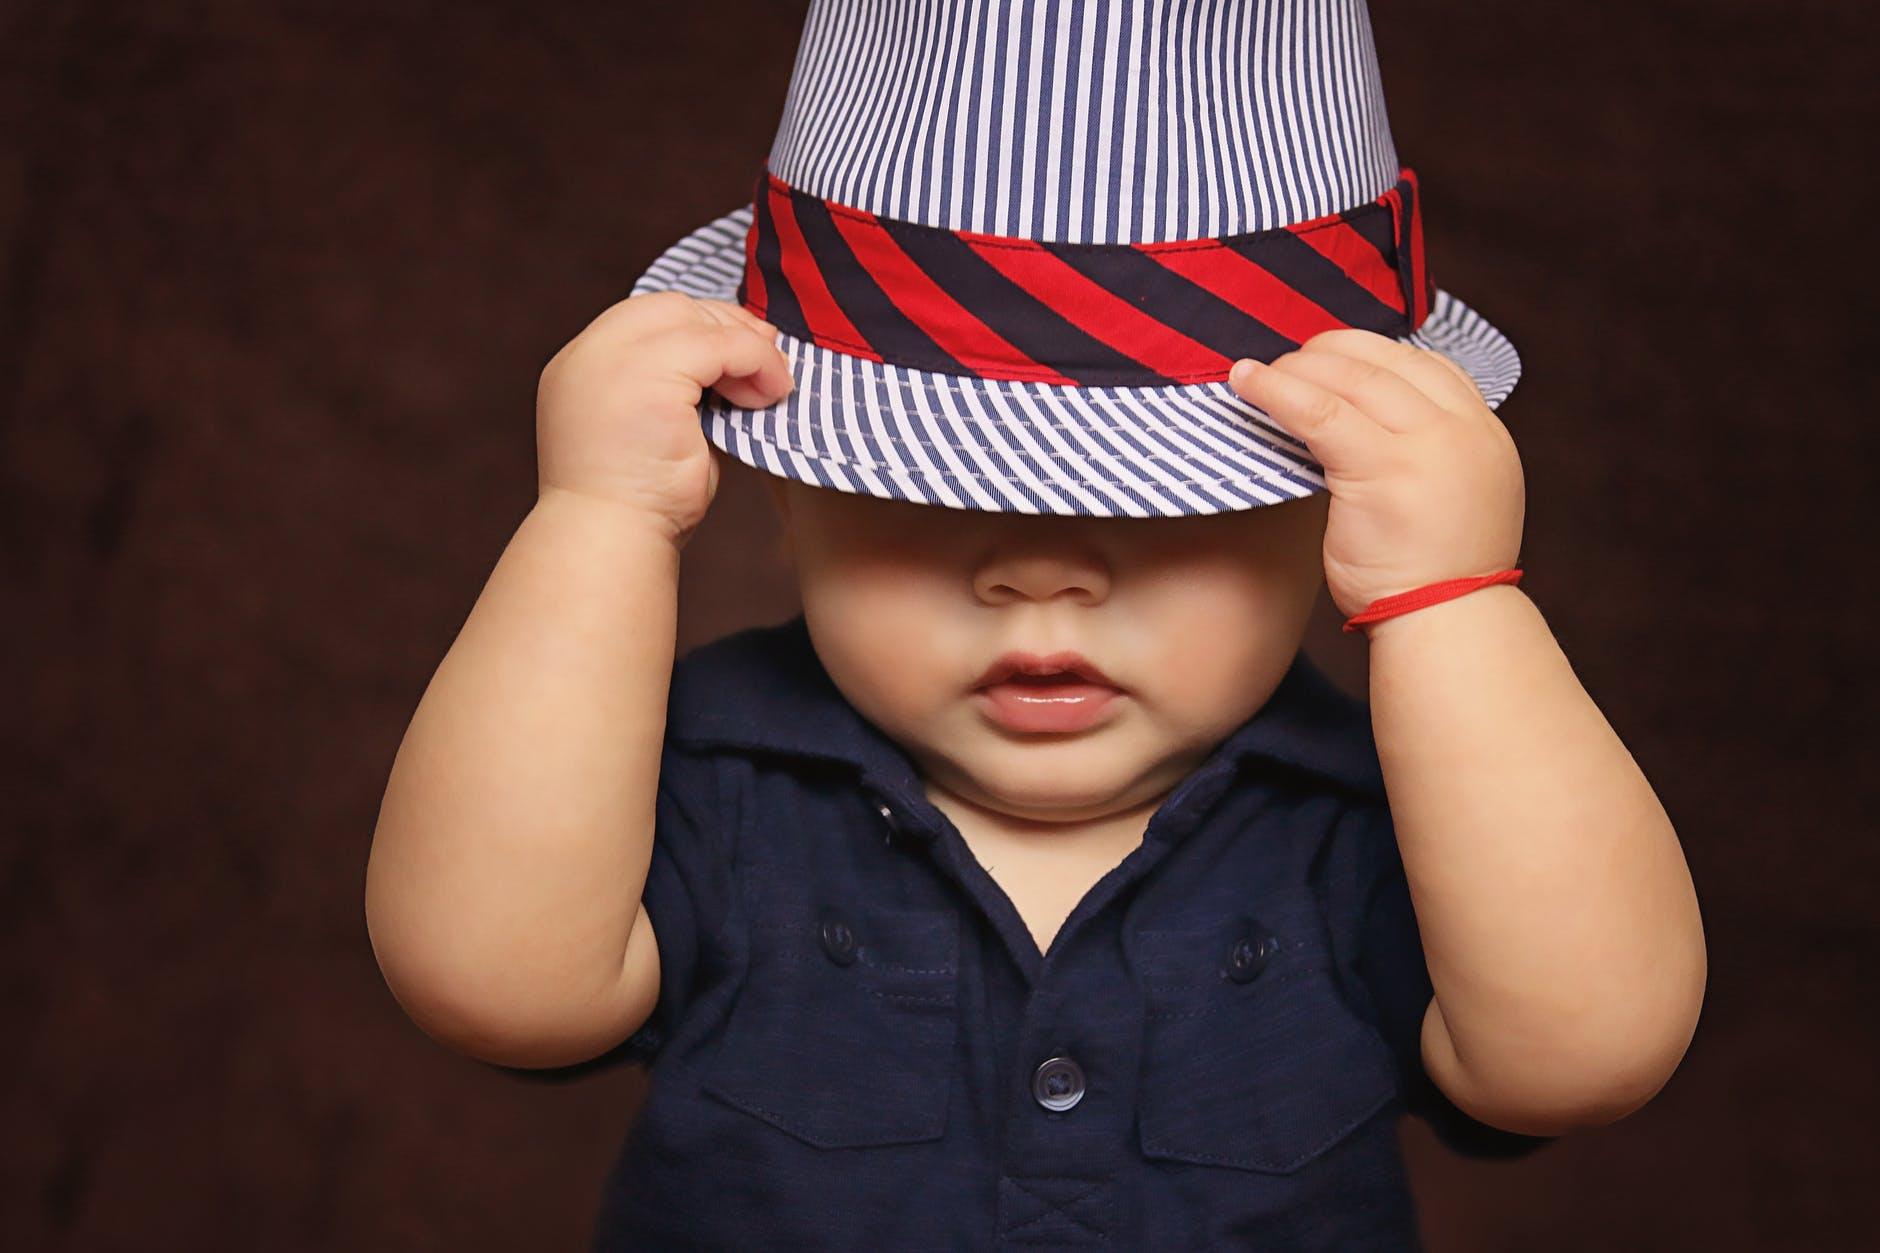 Μωρό με καπέλο